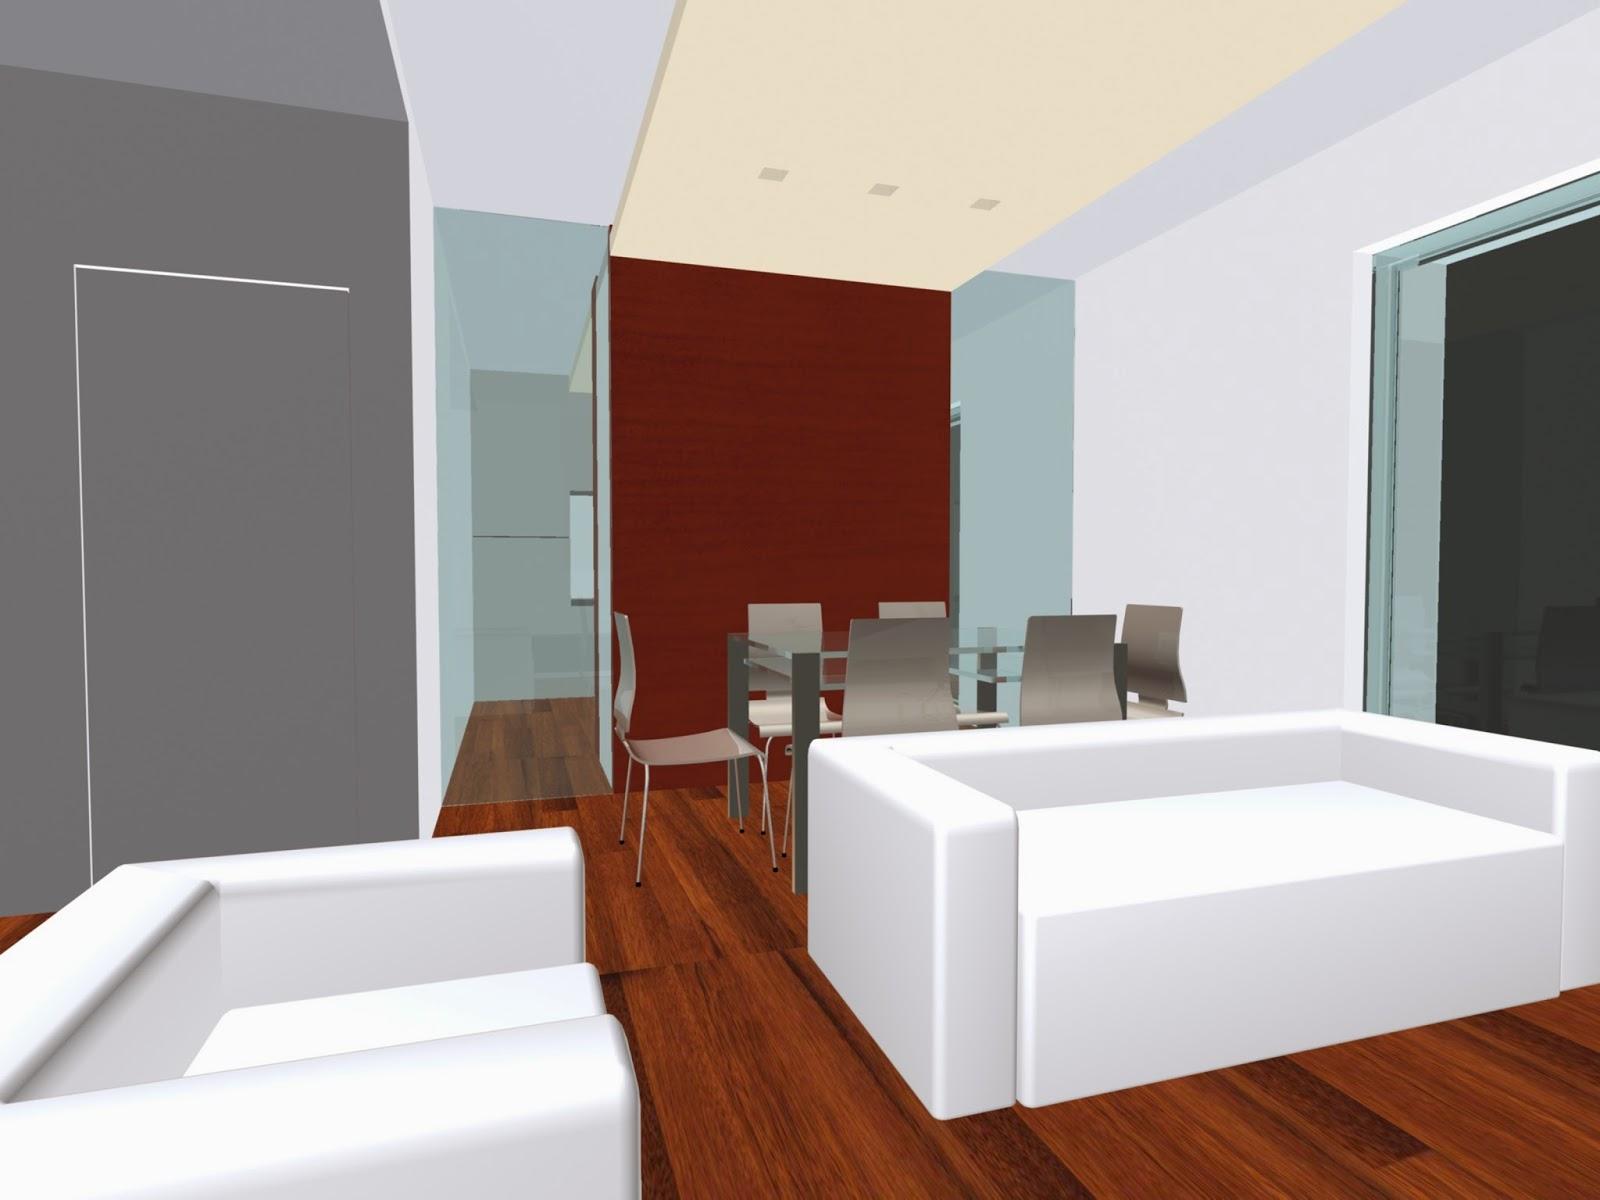 Appunti di architettura progettati da gk architetti casa m for Case arredate da architetti